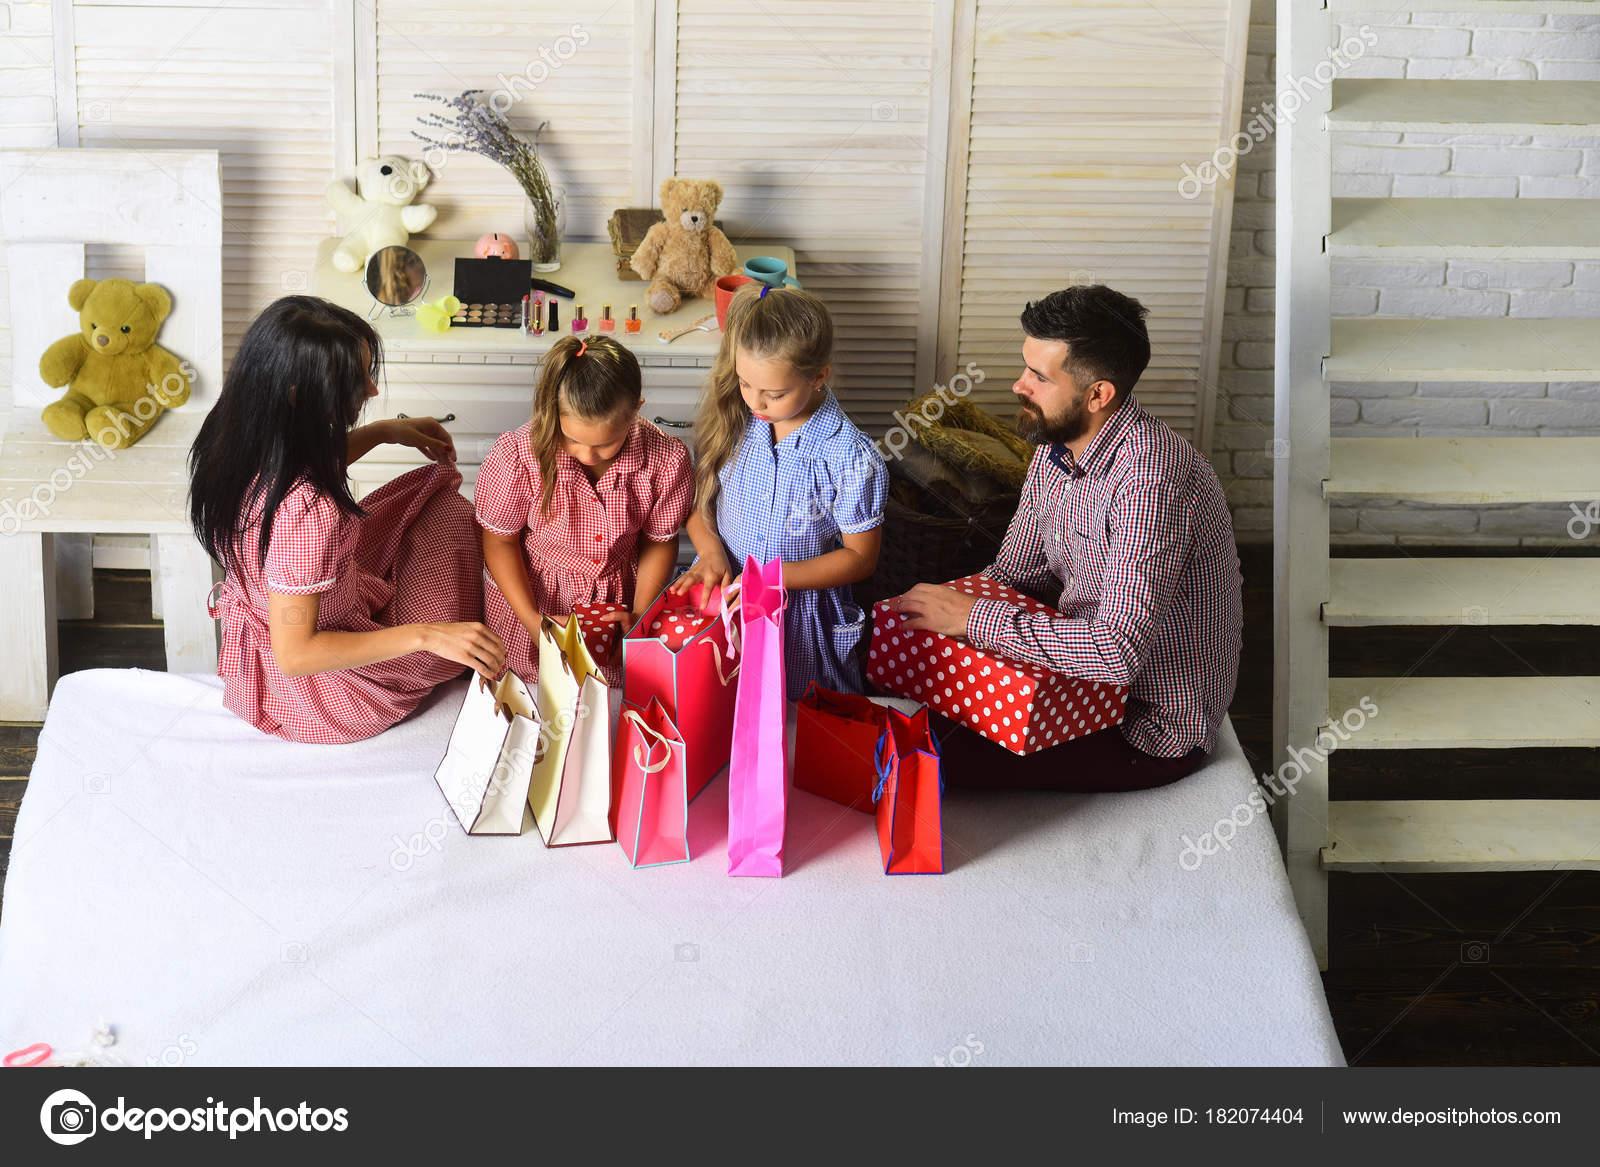 Cofanetto Regalo Per Famiglia Con Bambini.Celebrazione Concetto Shopping Uomo Donna Bambini Adorabili